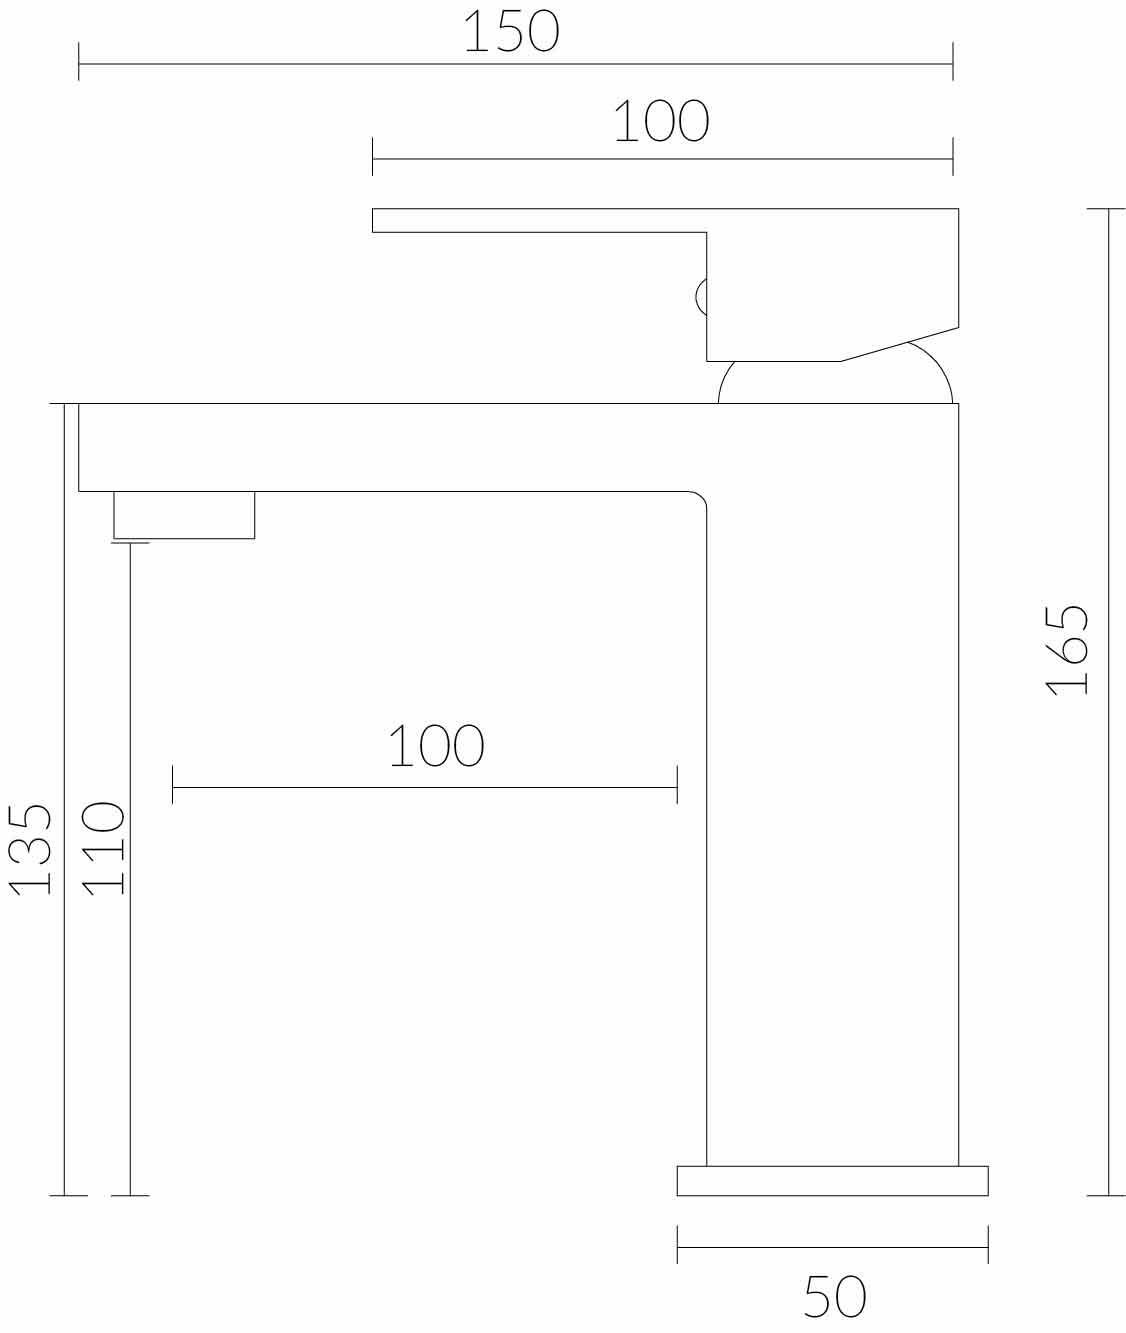 Misturador  Monocomando Para Lavatório Bica Baixa